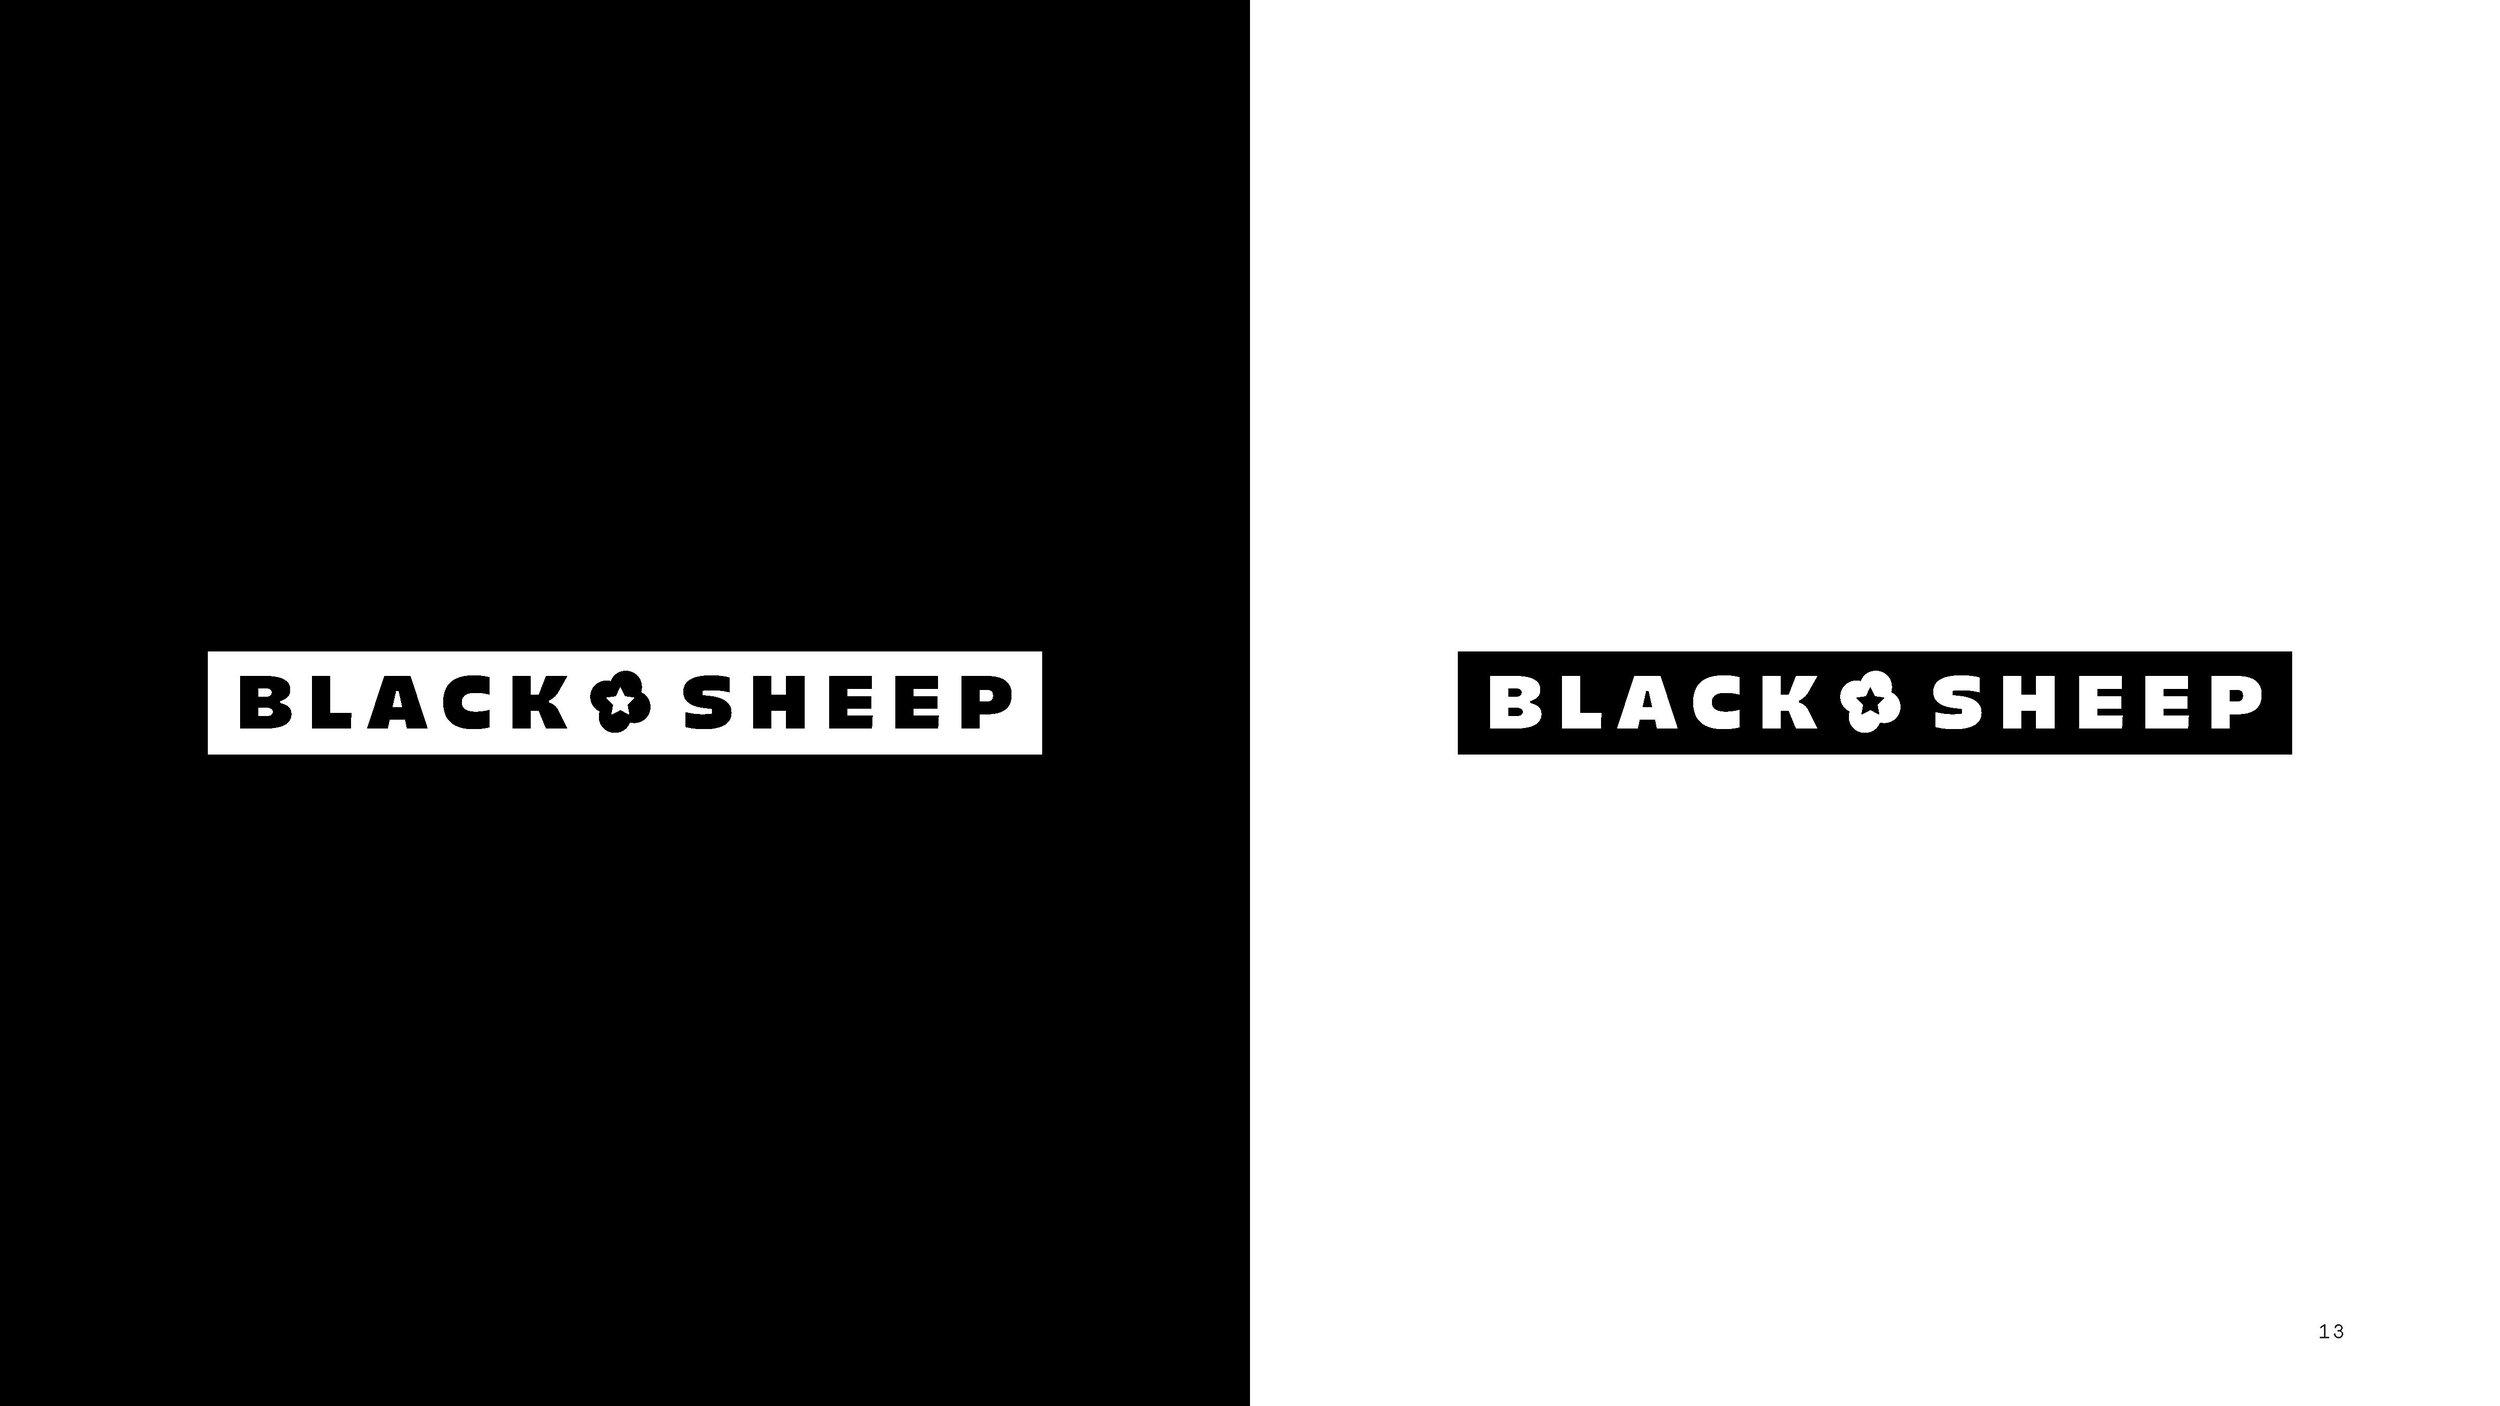 BlackSheepManagement_Logo_v1 2_Page_13.jpg